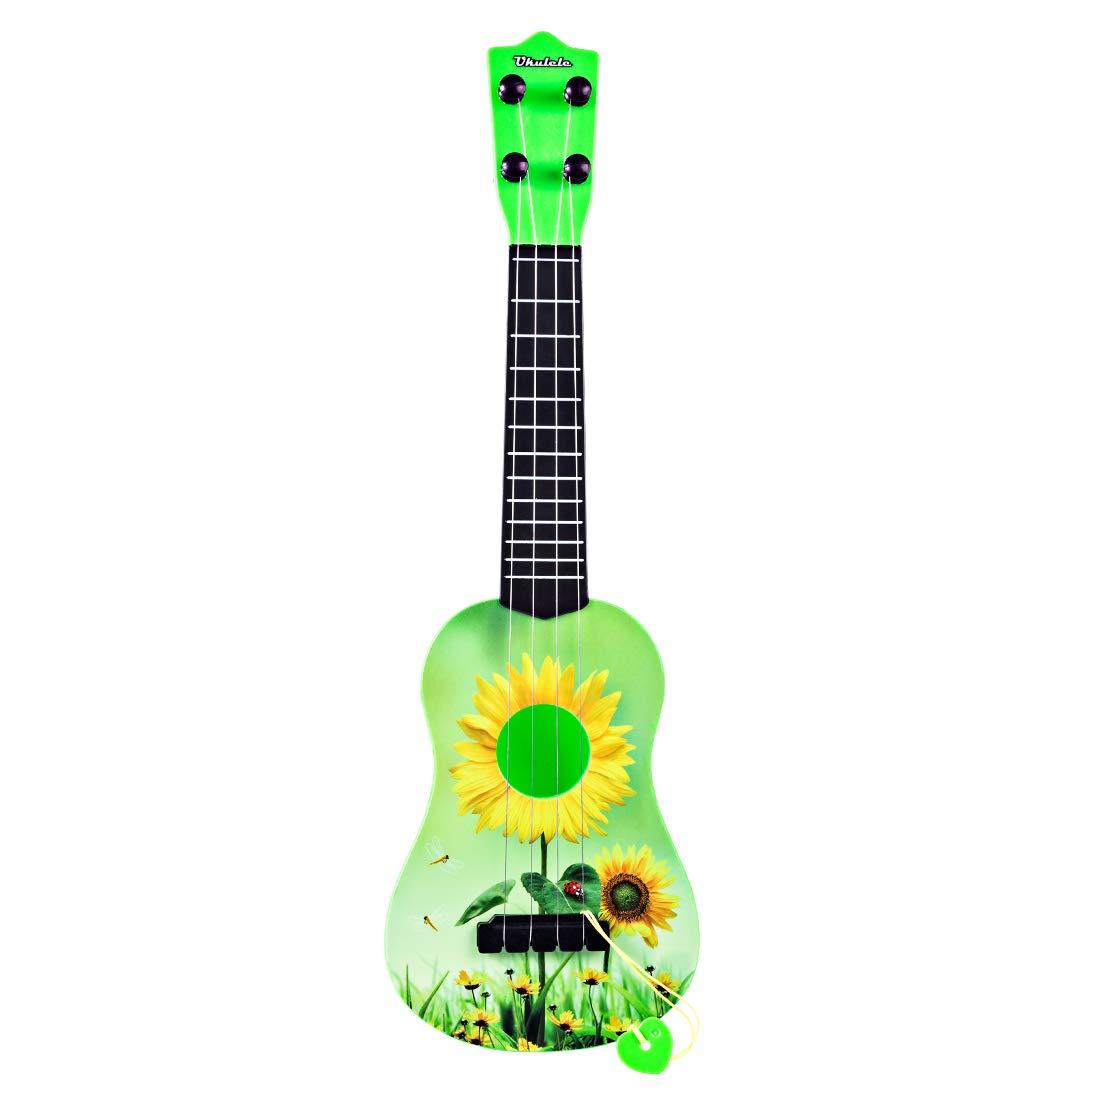 Giplar 4 Saiten Kindergitarre Kinder Gitarre Pädagogisches Spielzeug , Ukulele Spielzeug Gitarre Baby geeignet für Kinder ab 3 Jahre